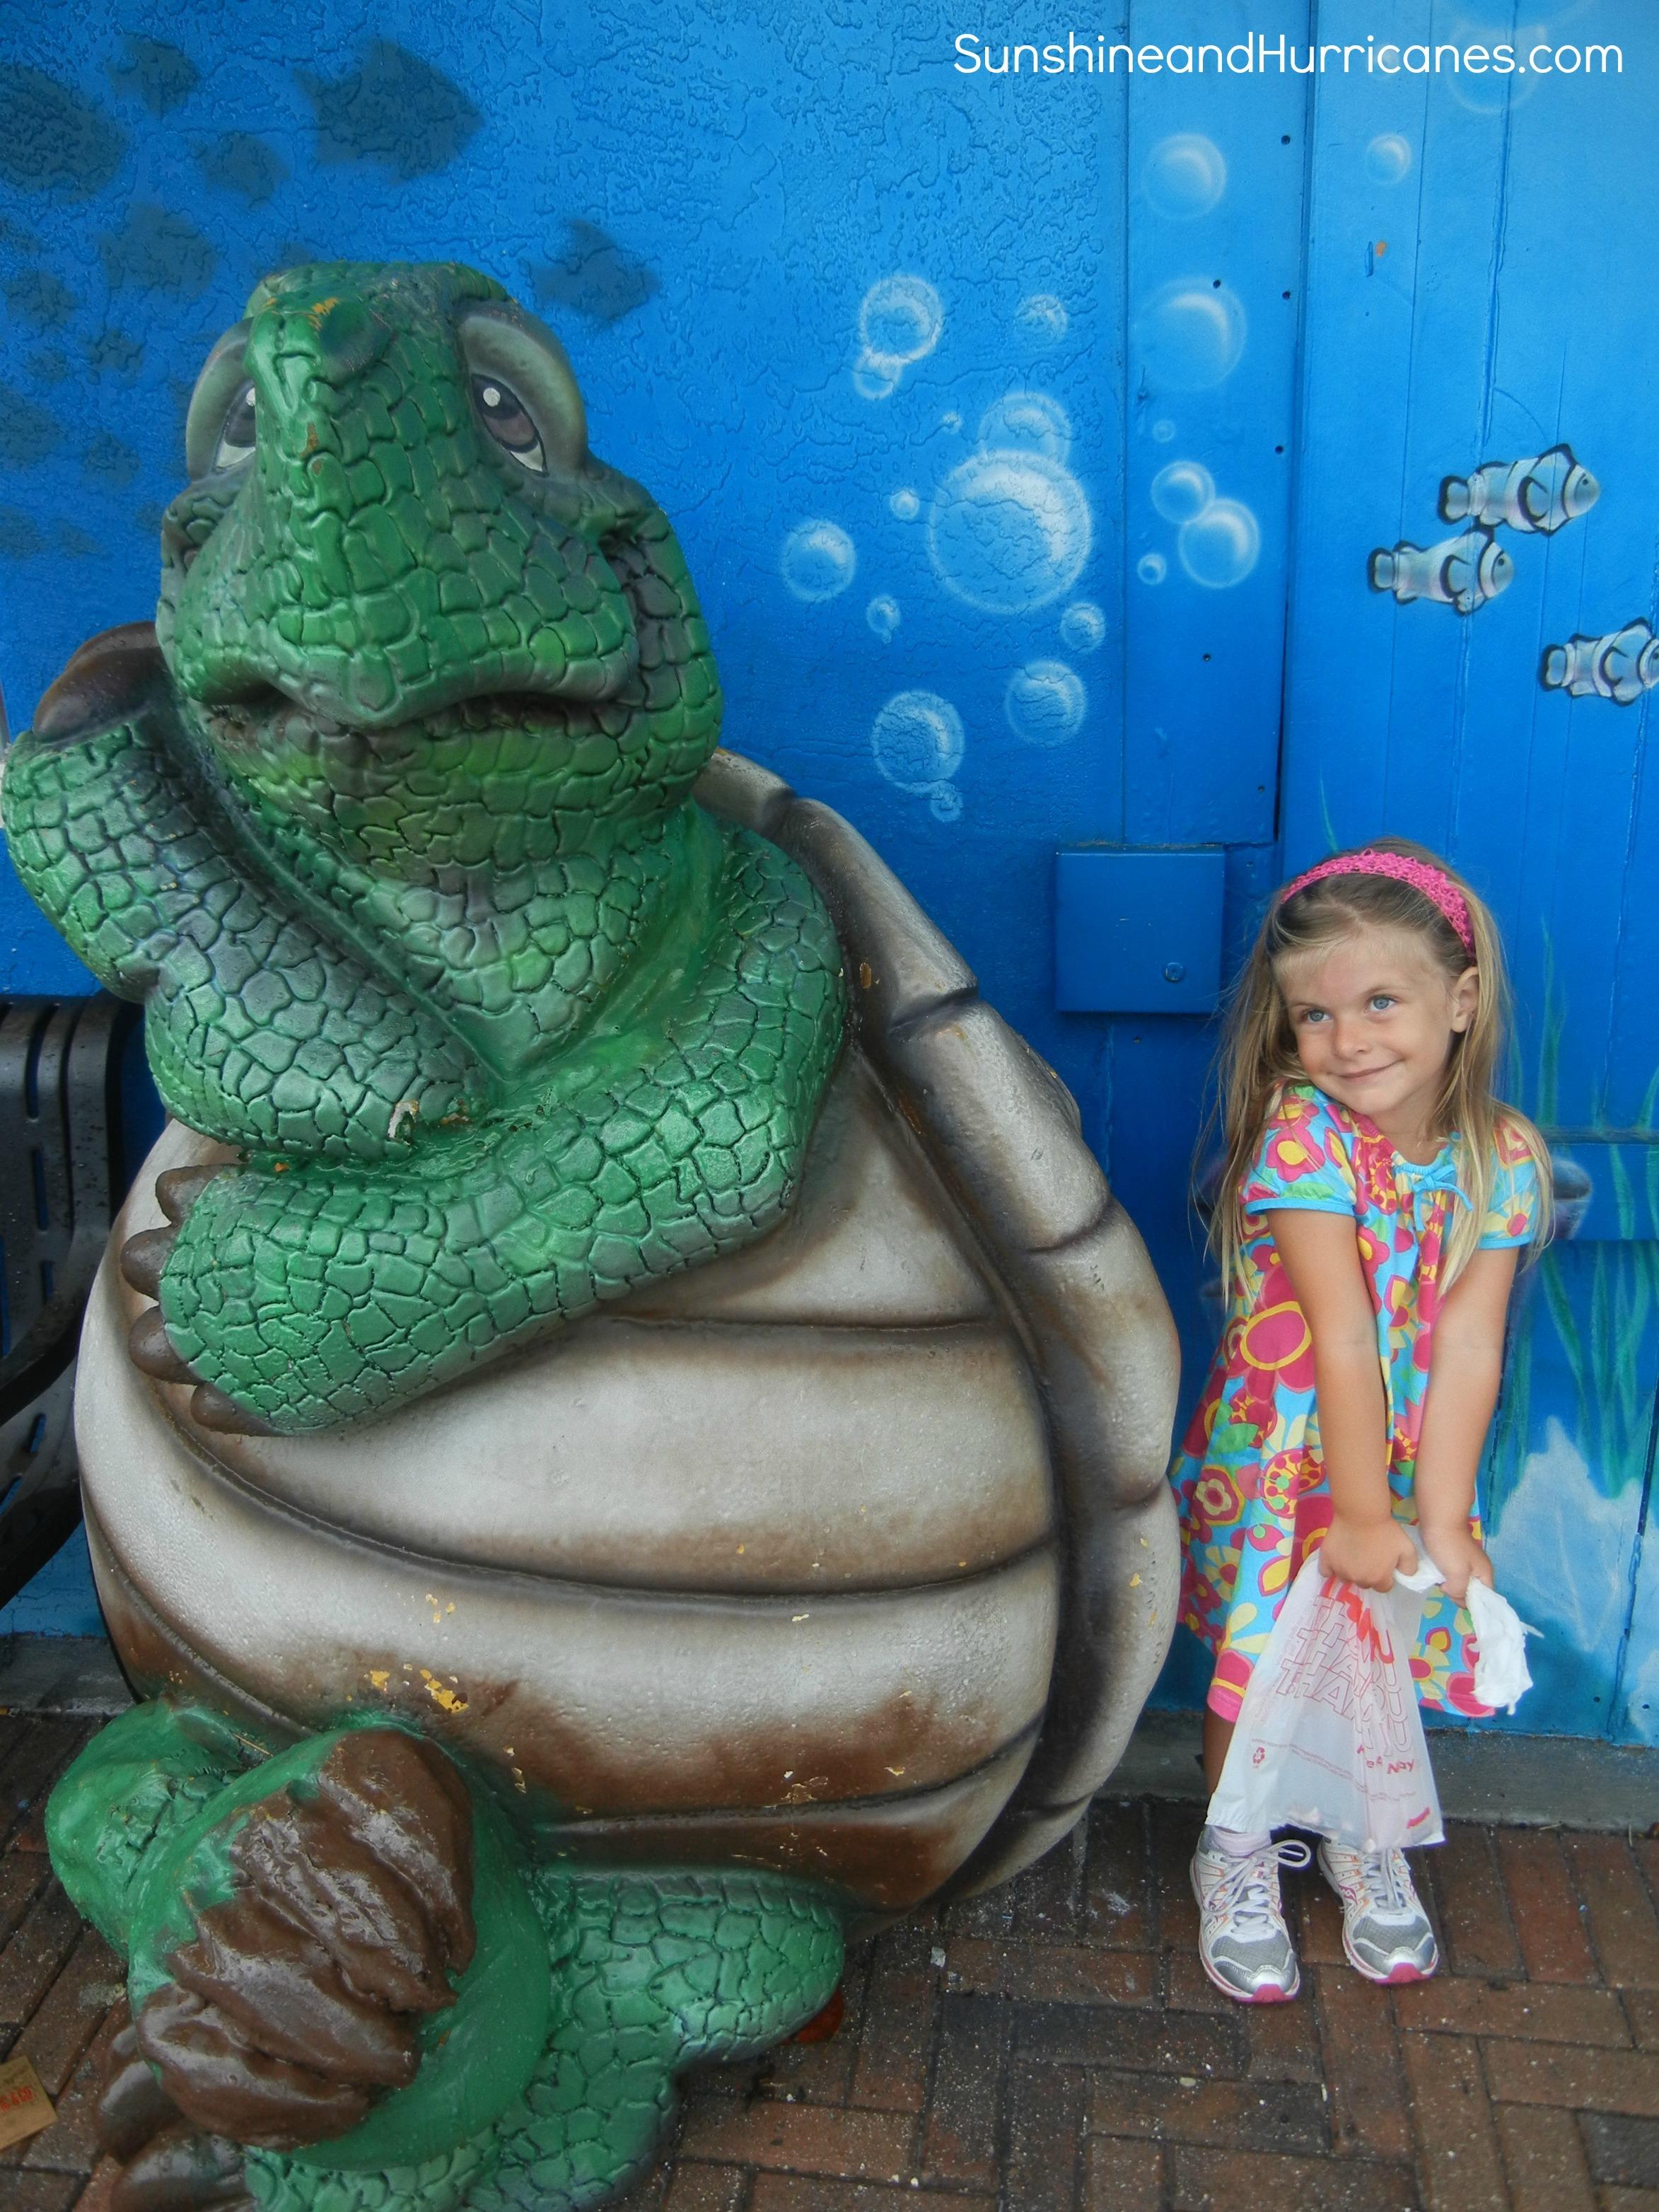 Sandcastle Treasure Island Florida